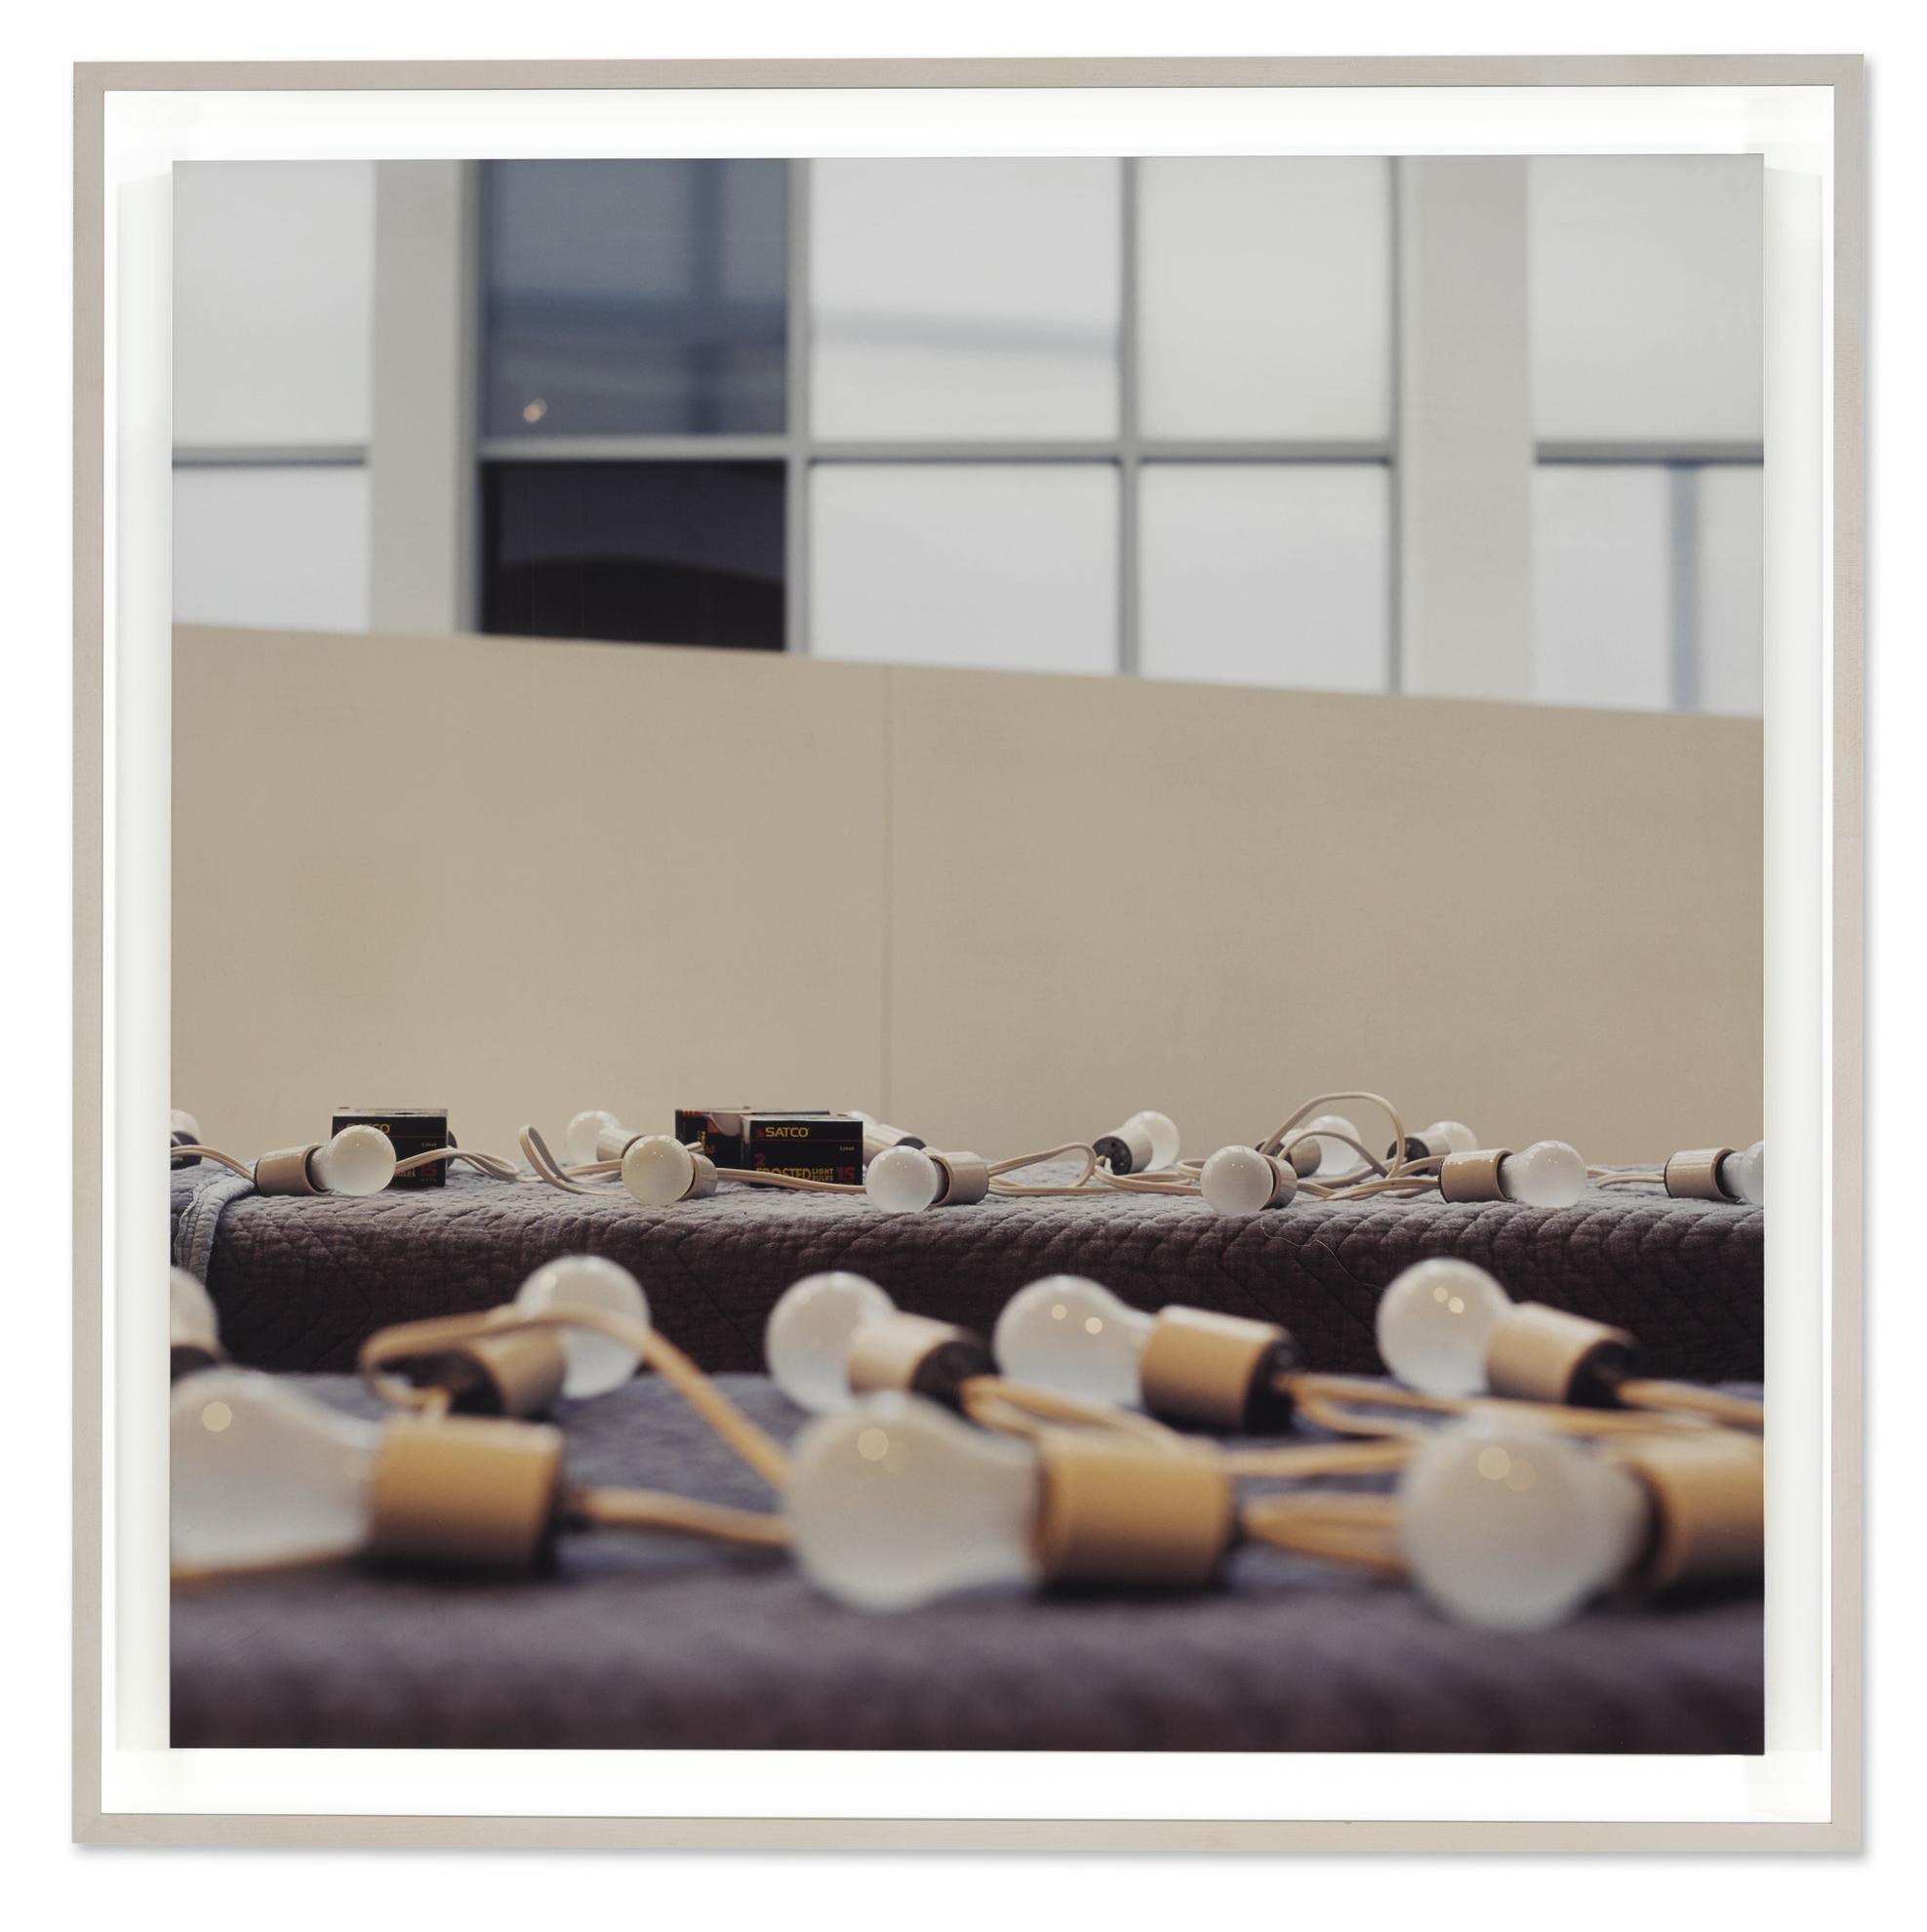 Louise Lawler-Bulbs-2006